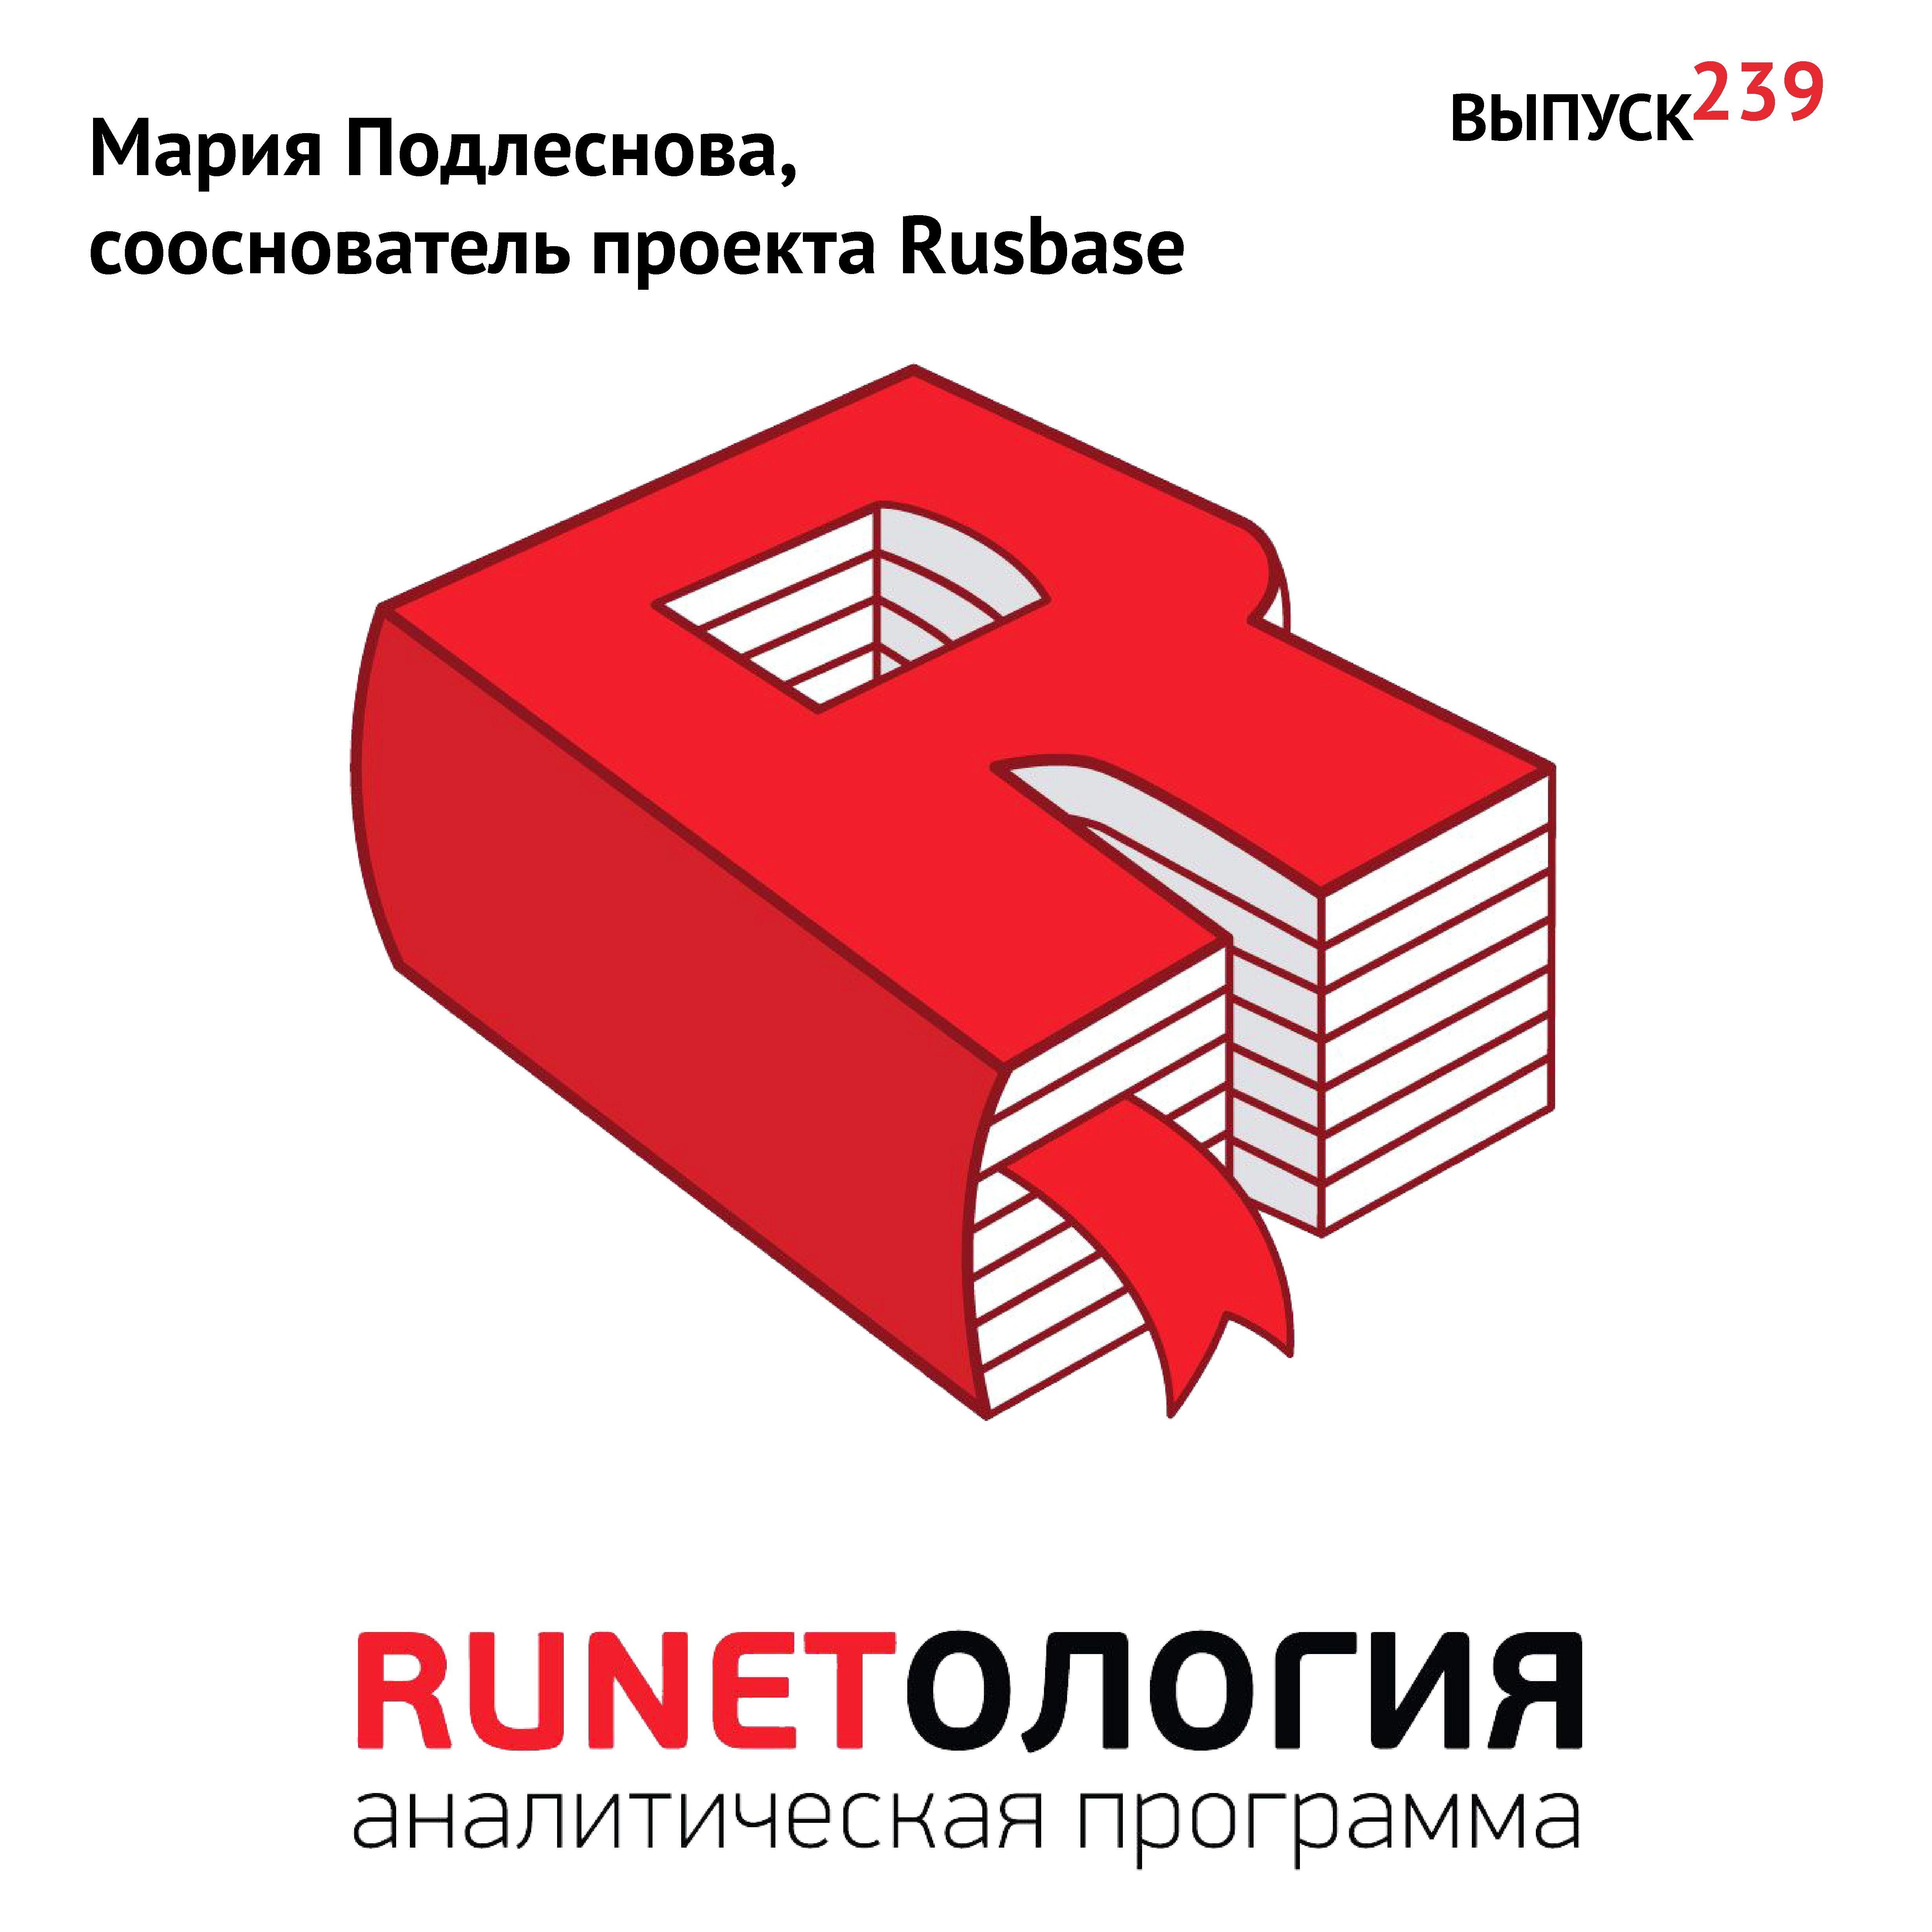 Максим Спиридонов Мария Подлеснова, сооснователь проекта Rusbase